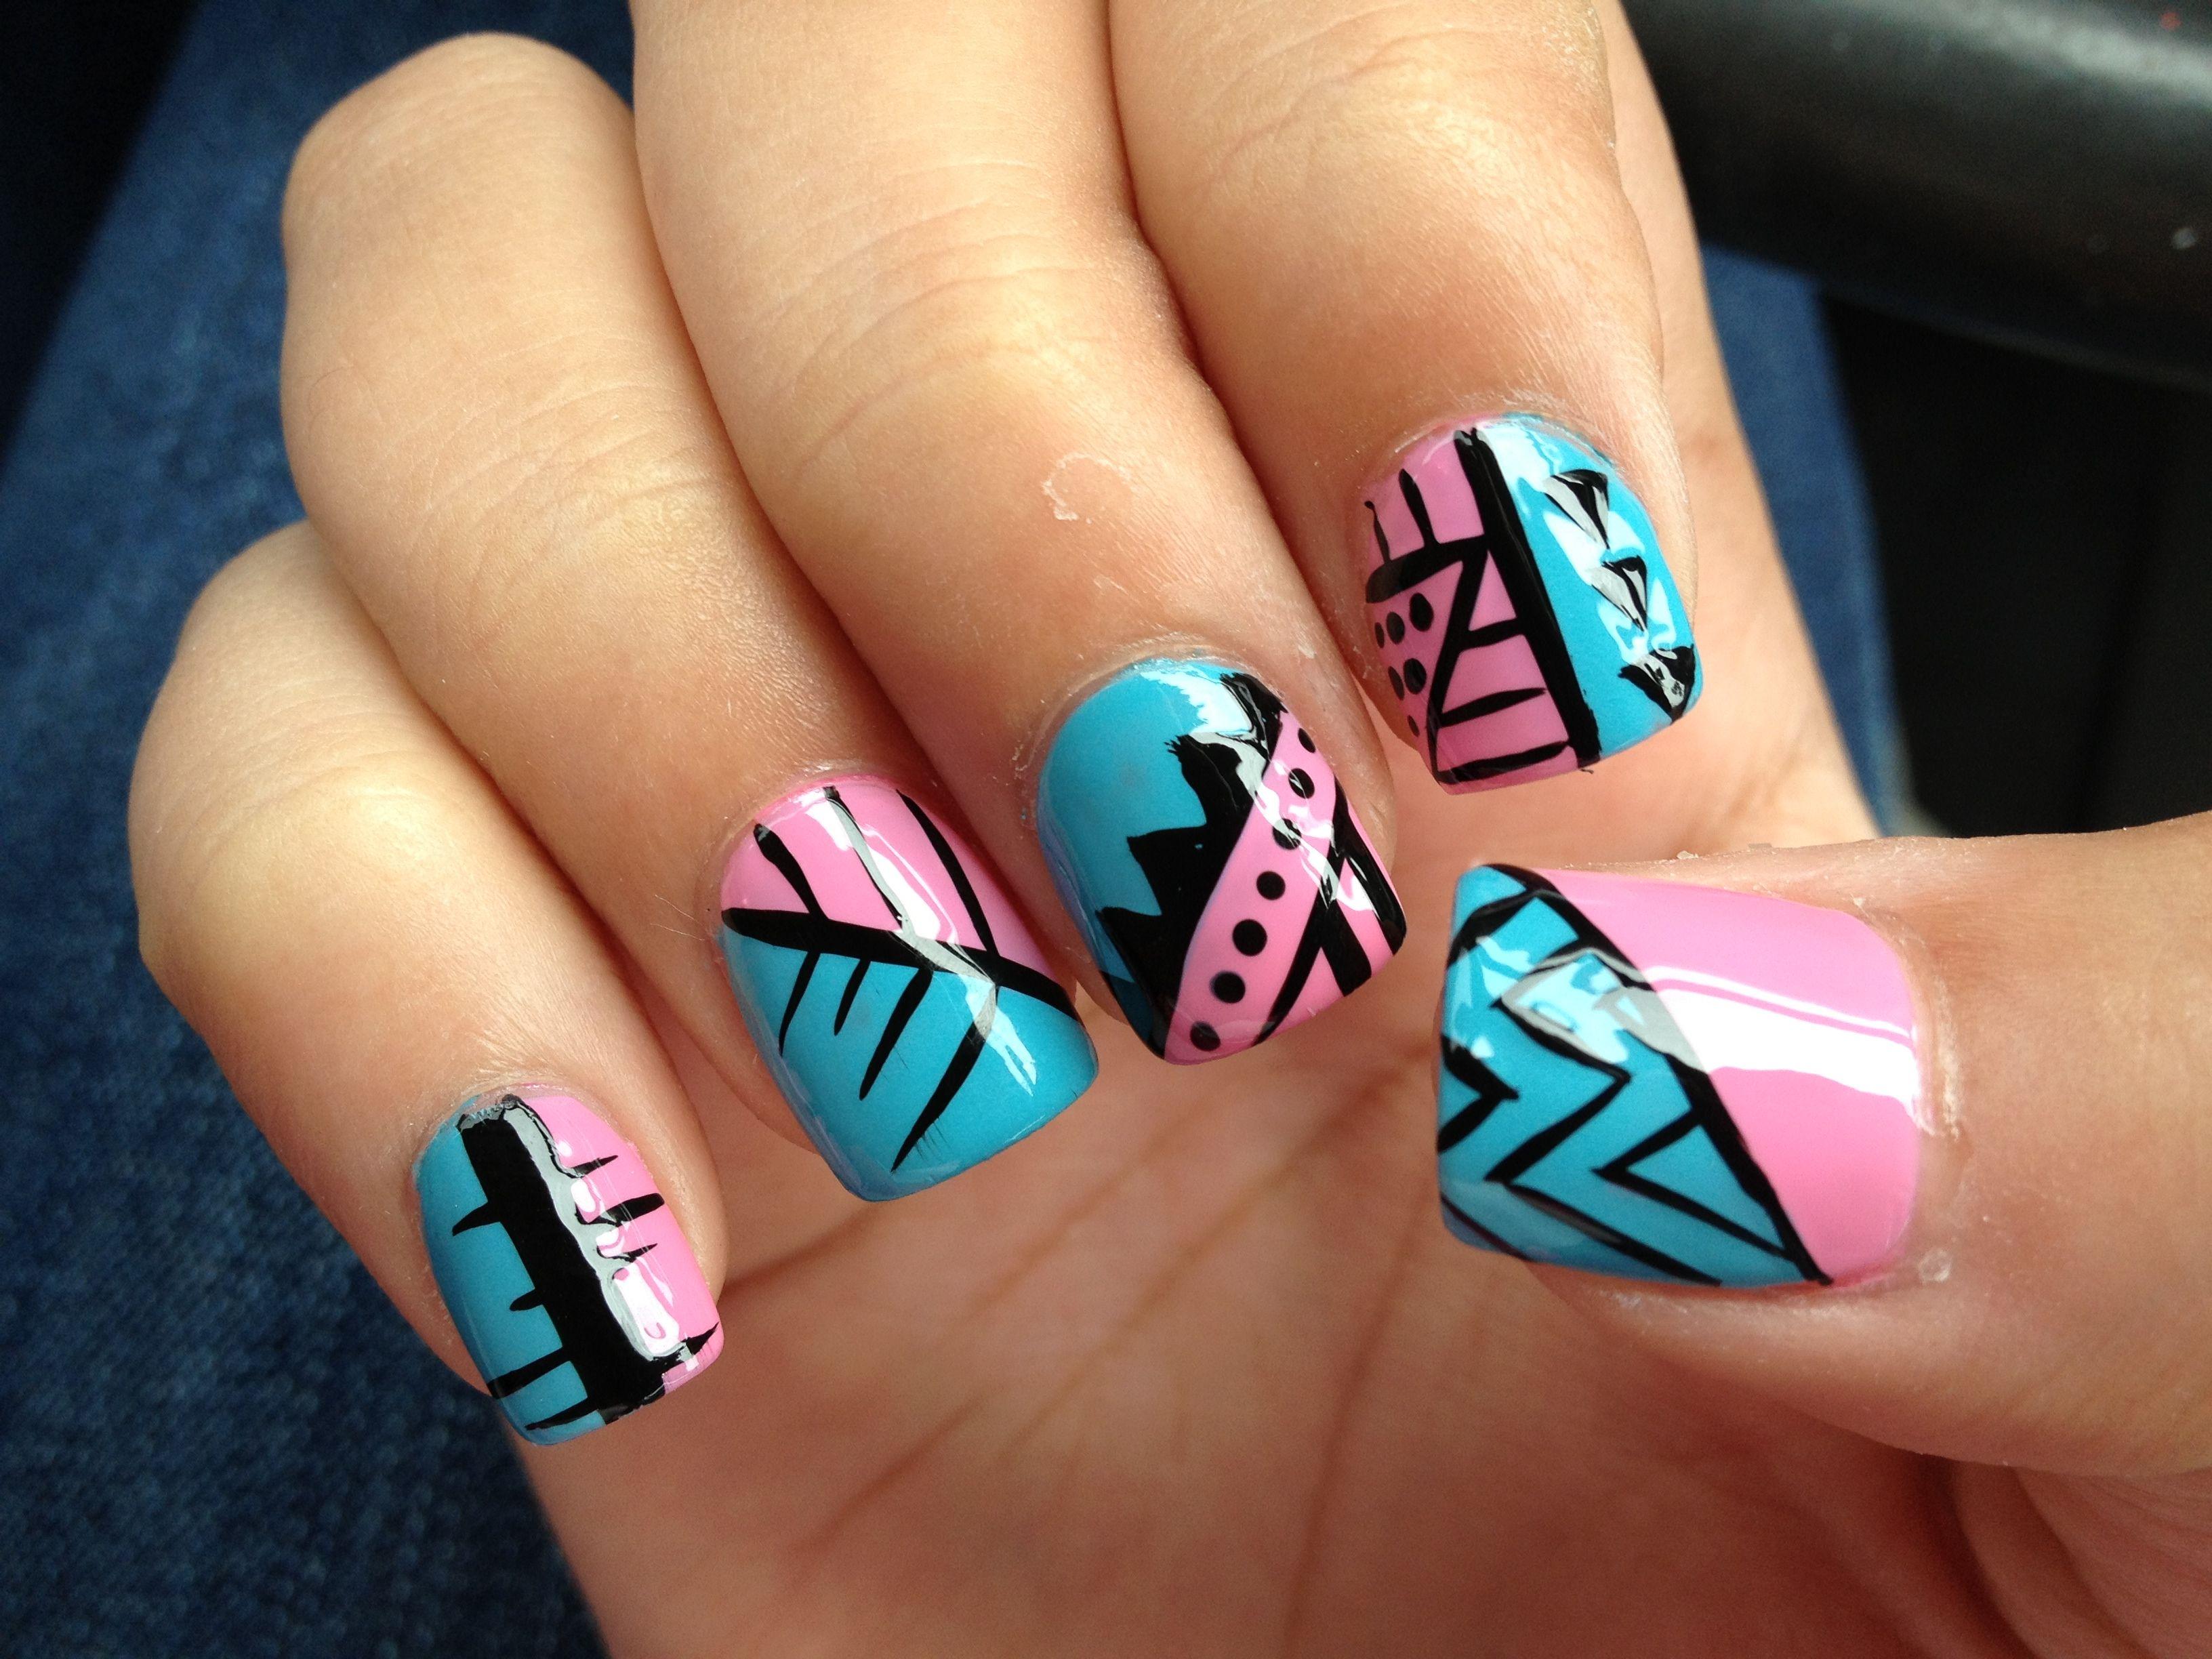 Acrylic nail design nail art blue pink tribal | Nails | Pinterest ...